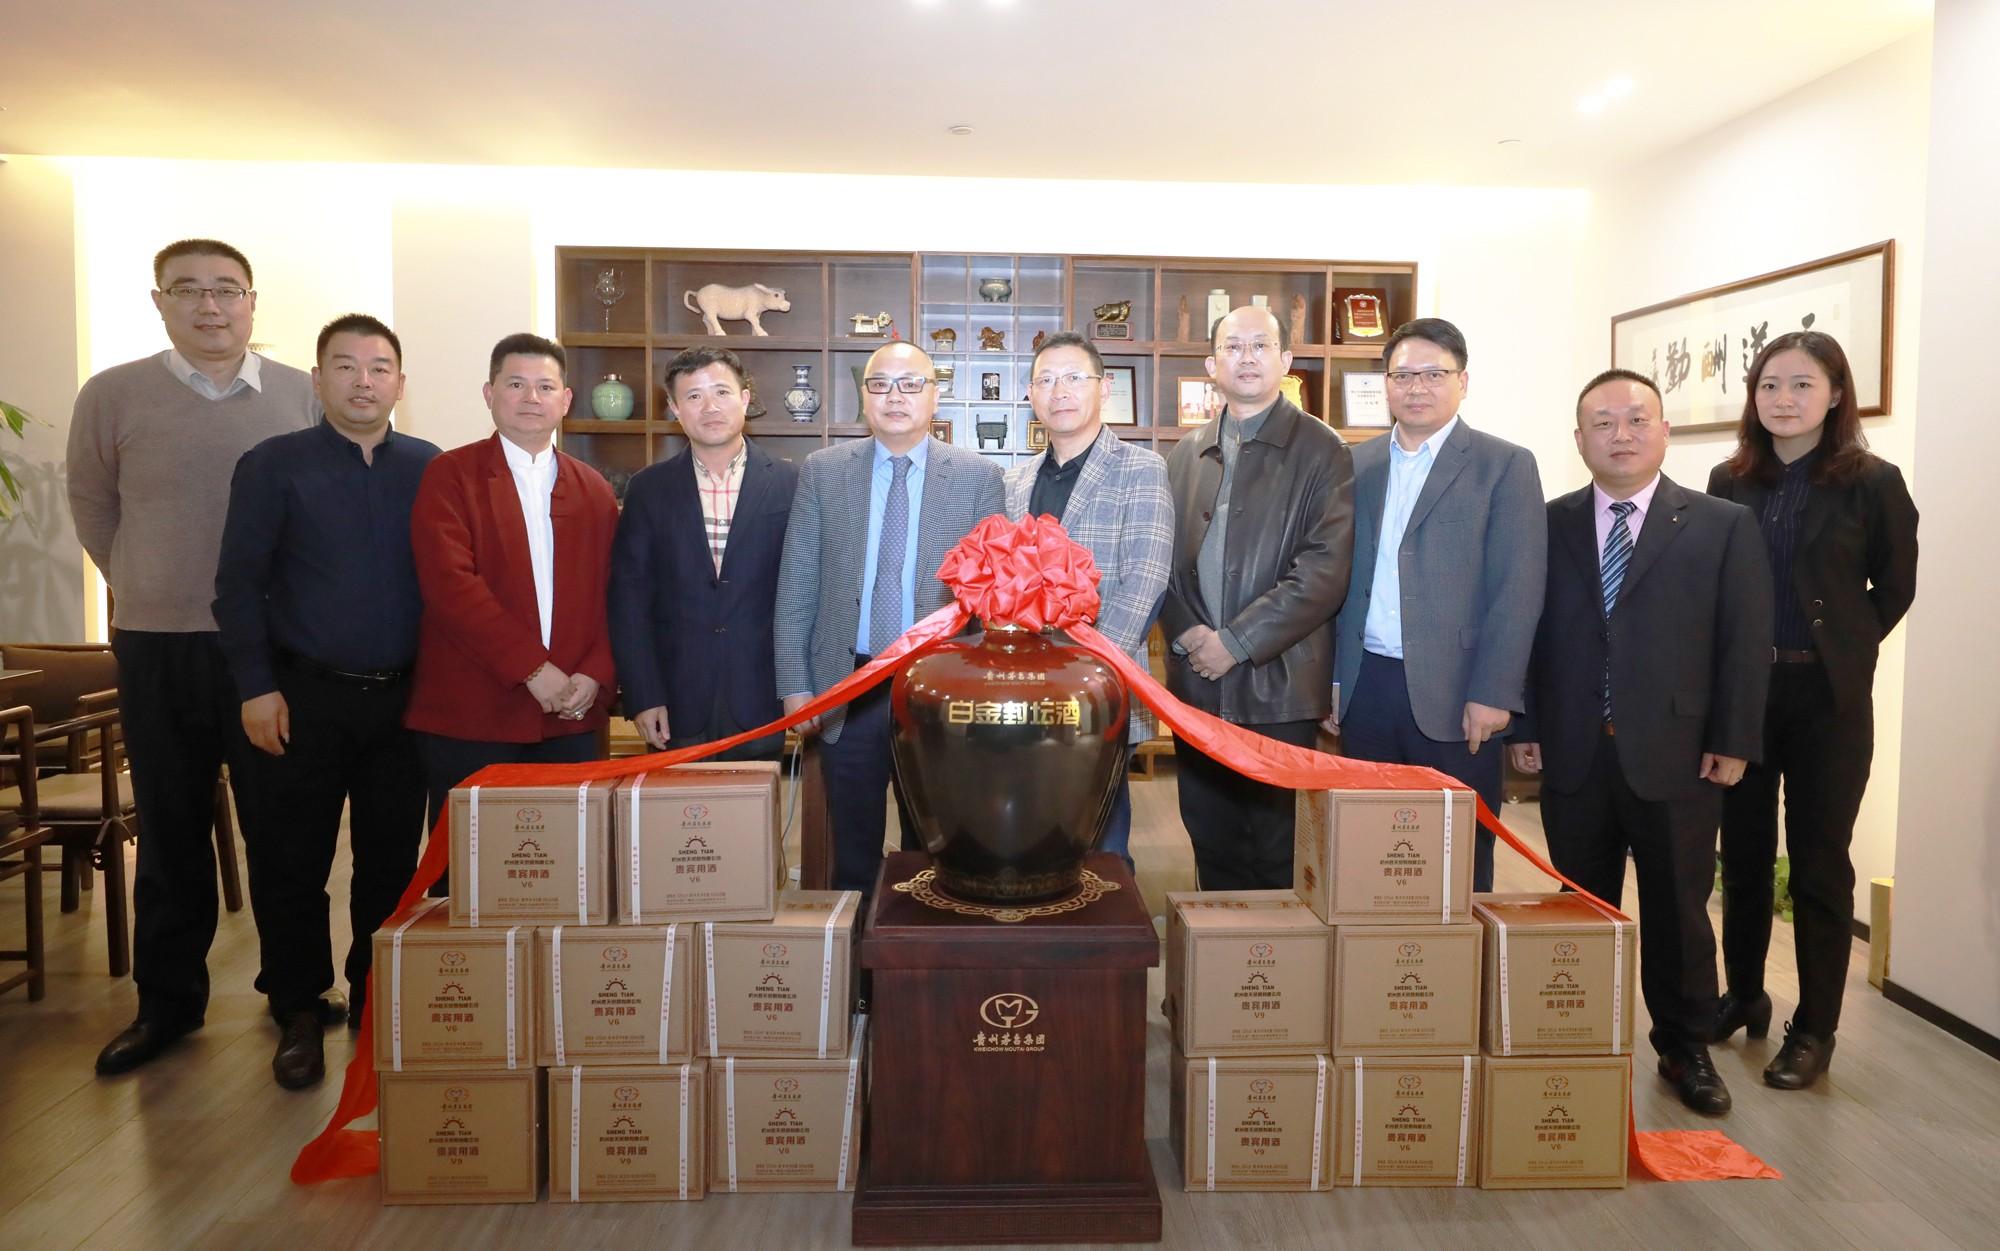 優勢互補 合作共贏 | 白金酒公司參訪杭州勝天貿易有限公司